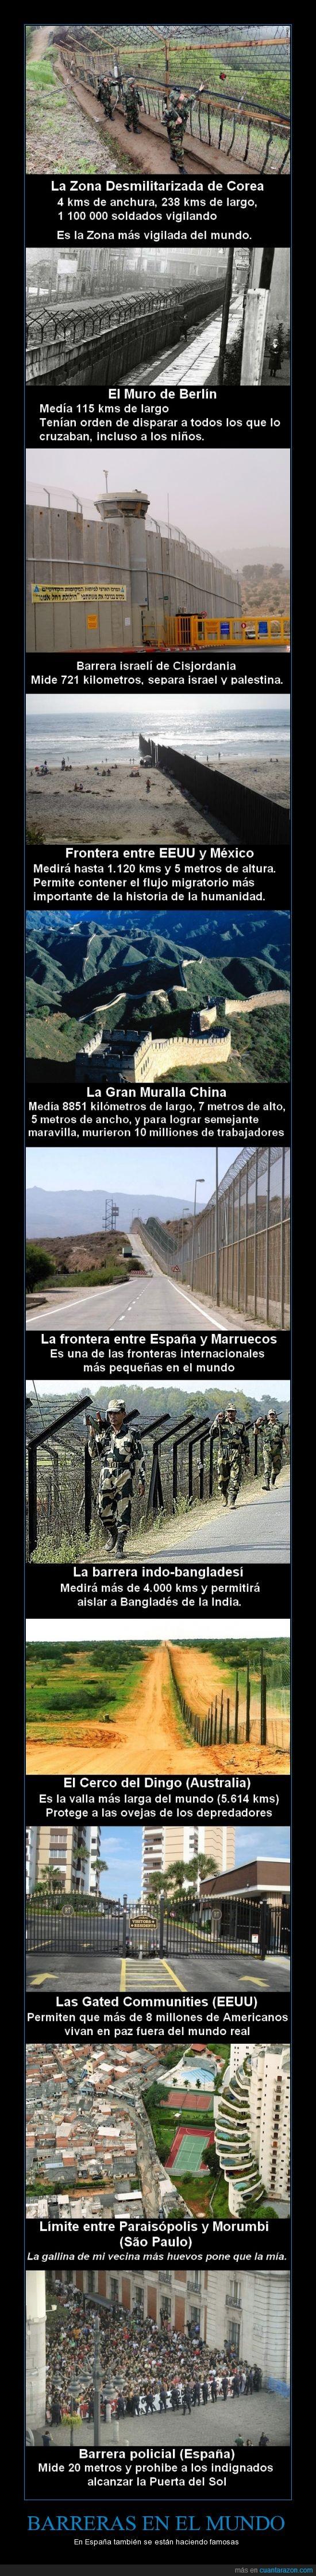 Barreras,españa,fronteras,policia